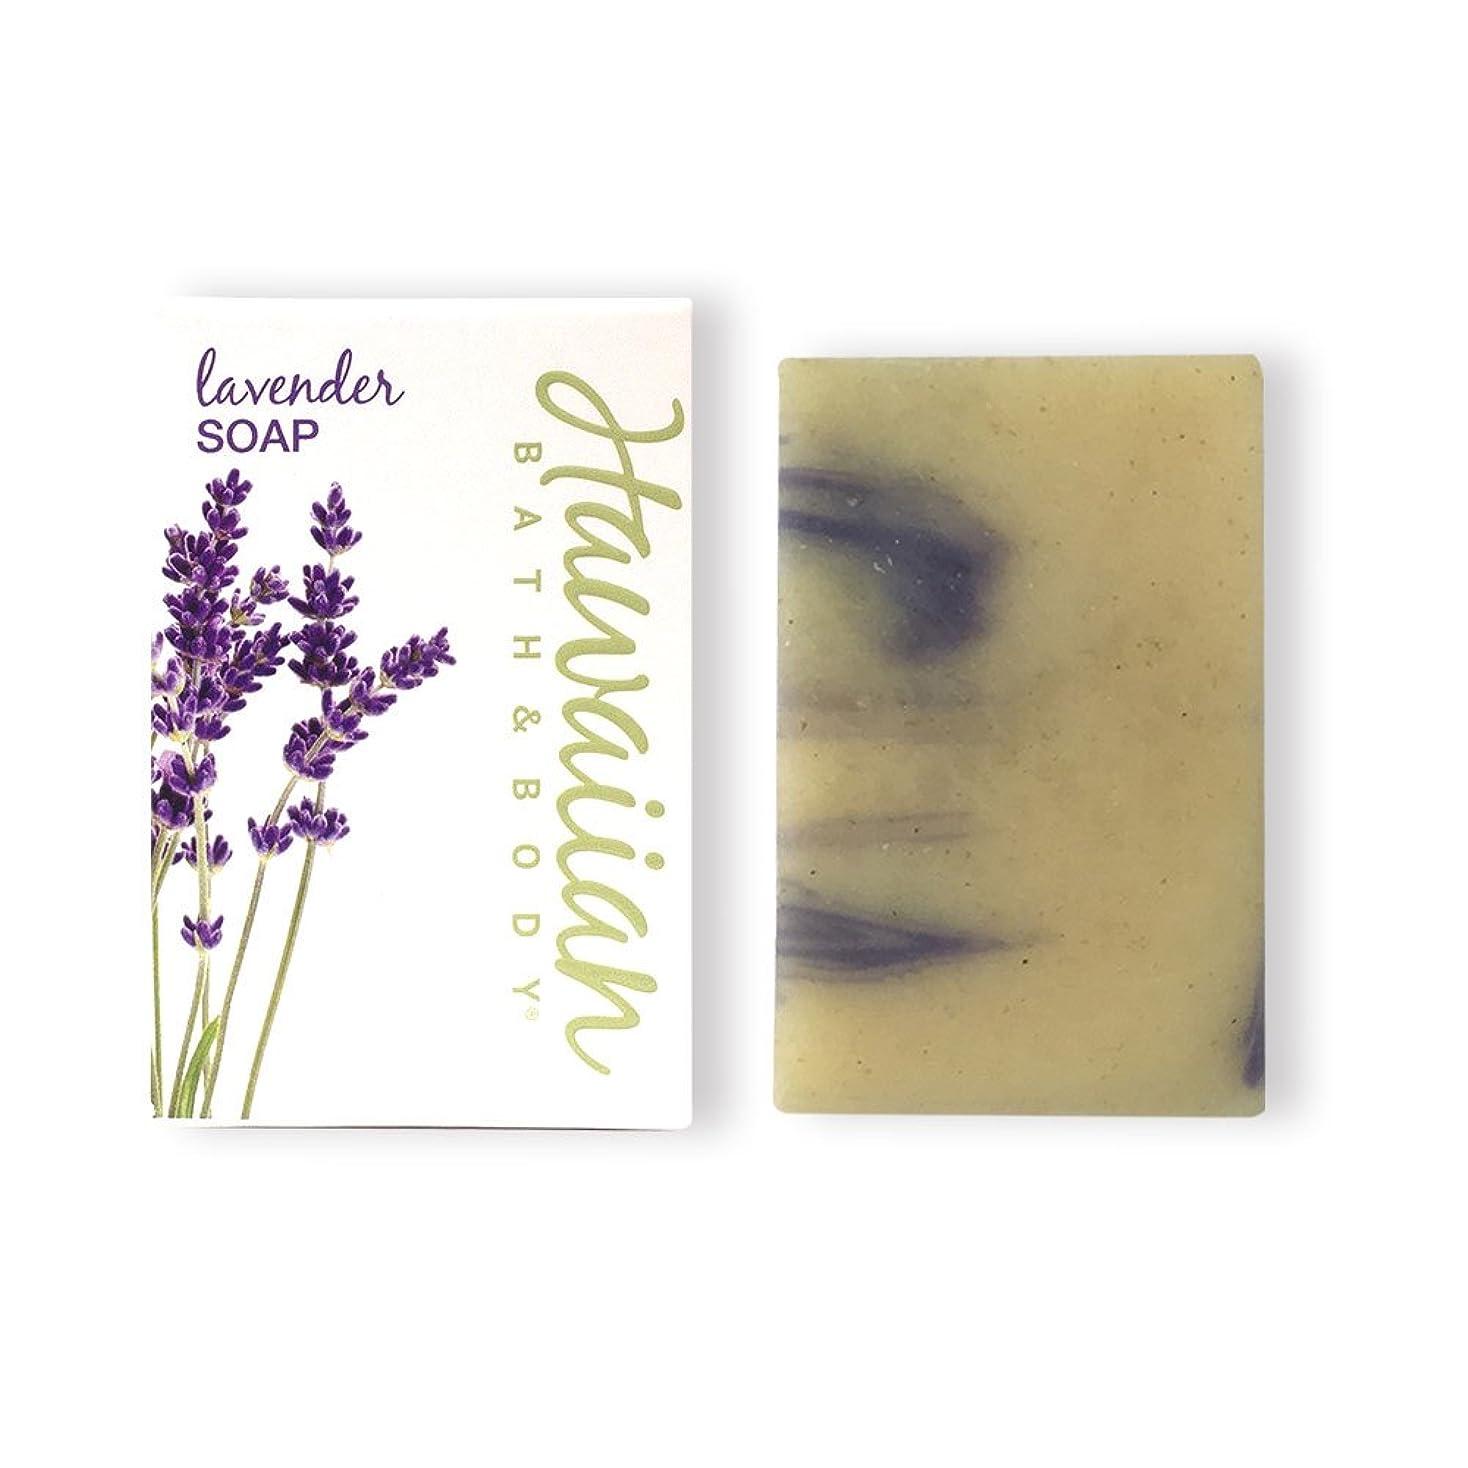 ぎこちない考慮発火するハワイアンバス&ボディ ラベンダー?ナチュラルソープ ( Lavender Soap )